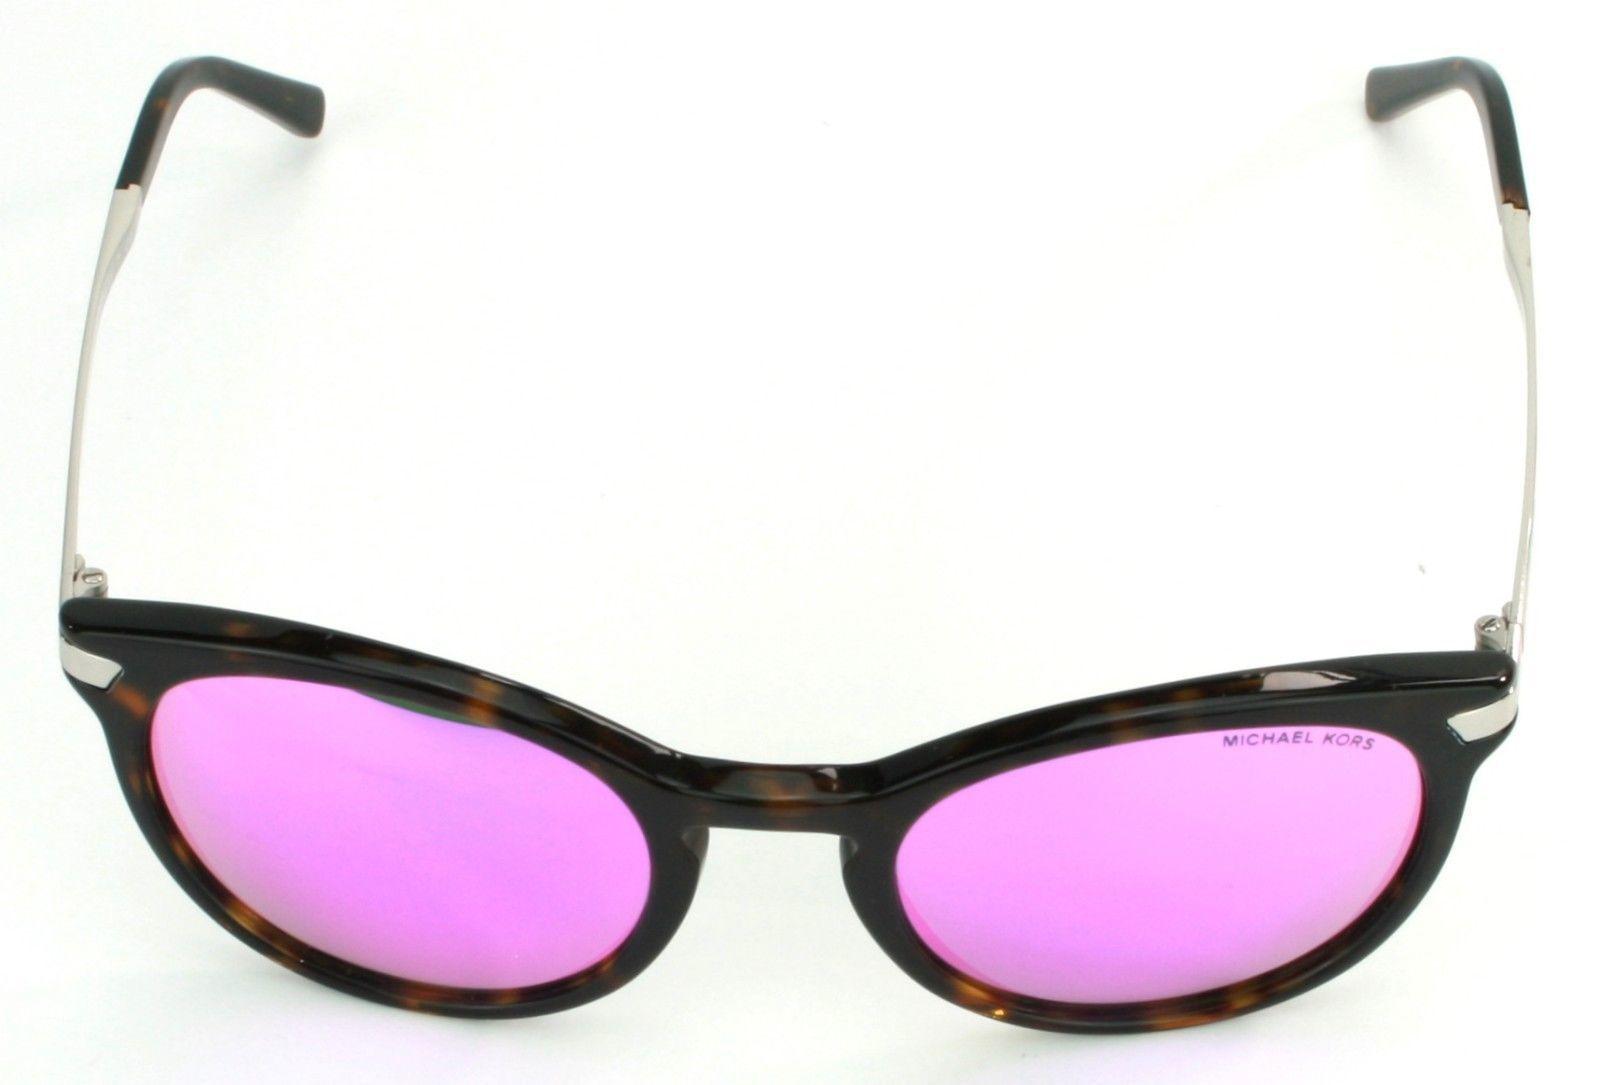 a772d609d7c093 Michael Kors Adrianna dunkeltürkis pink Linse Sonnenbrille -  135.48